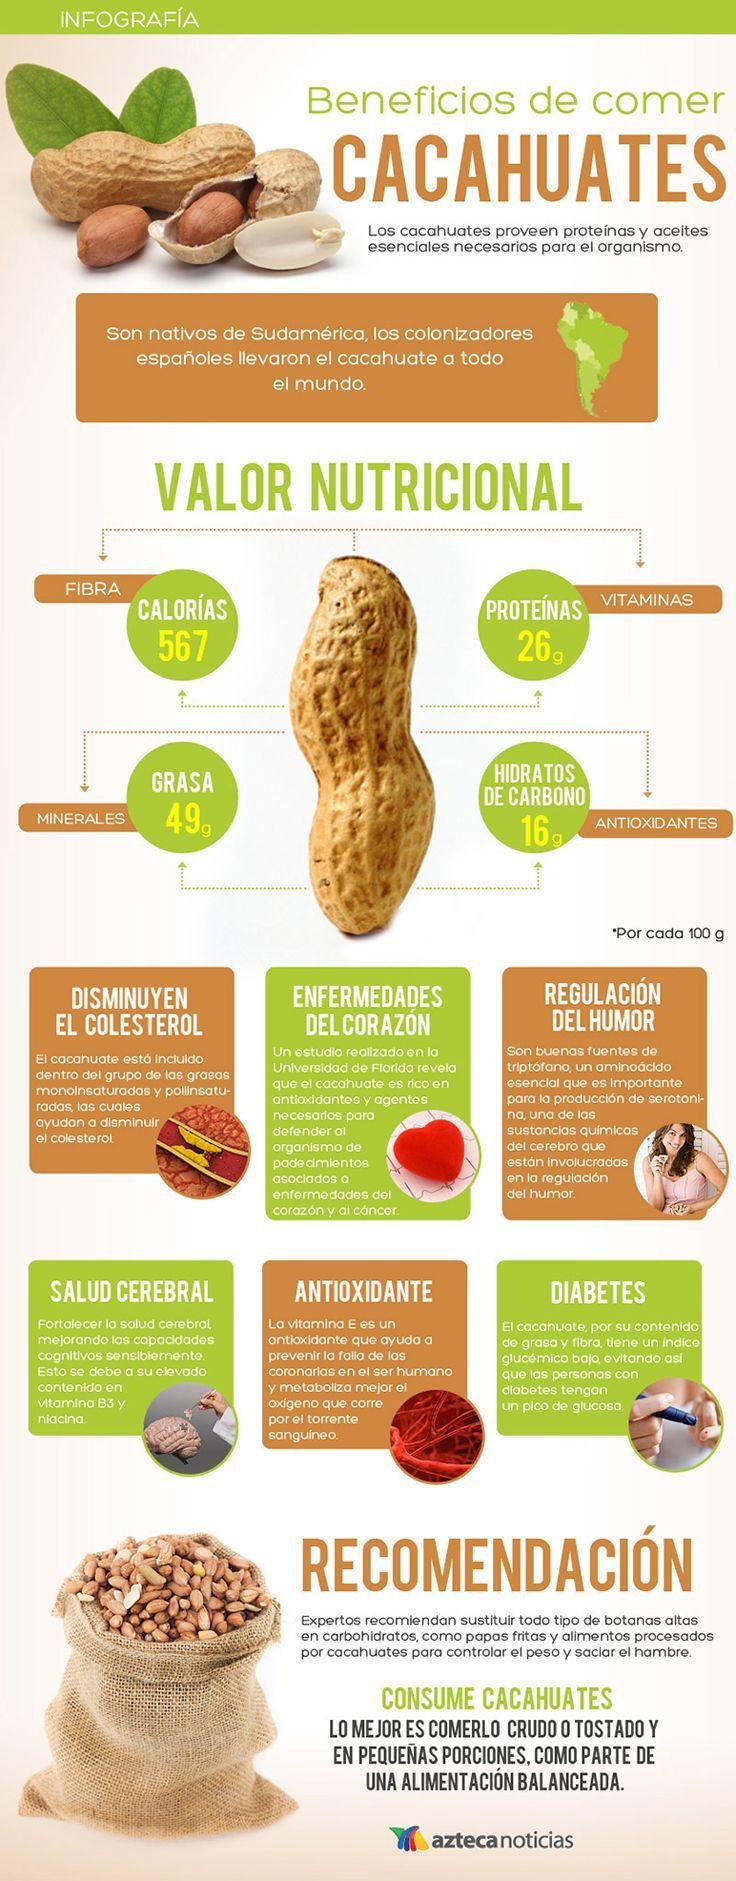 Propiedades del cacahuete y valores nutricionales